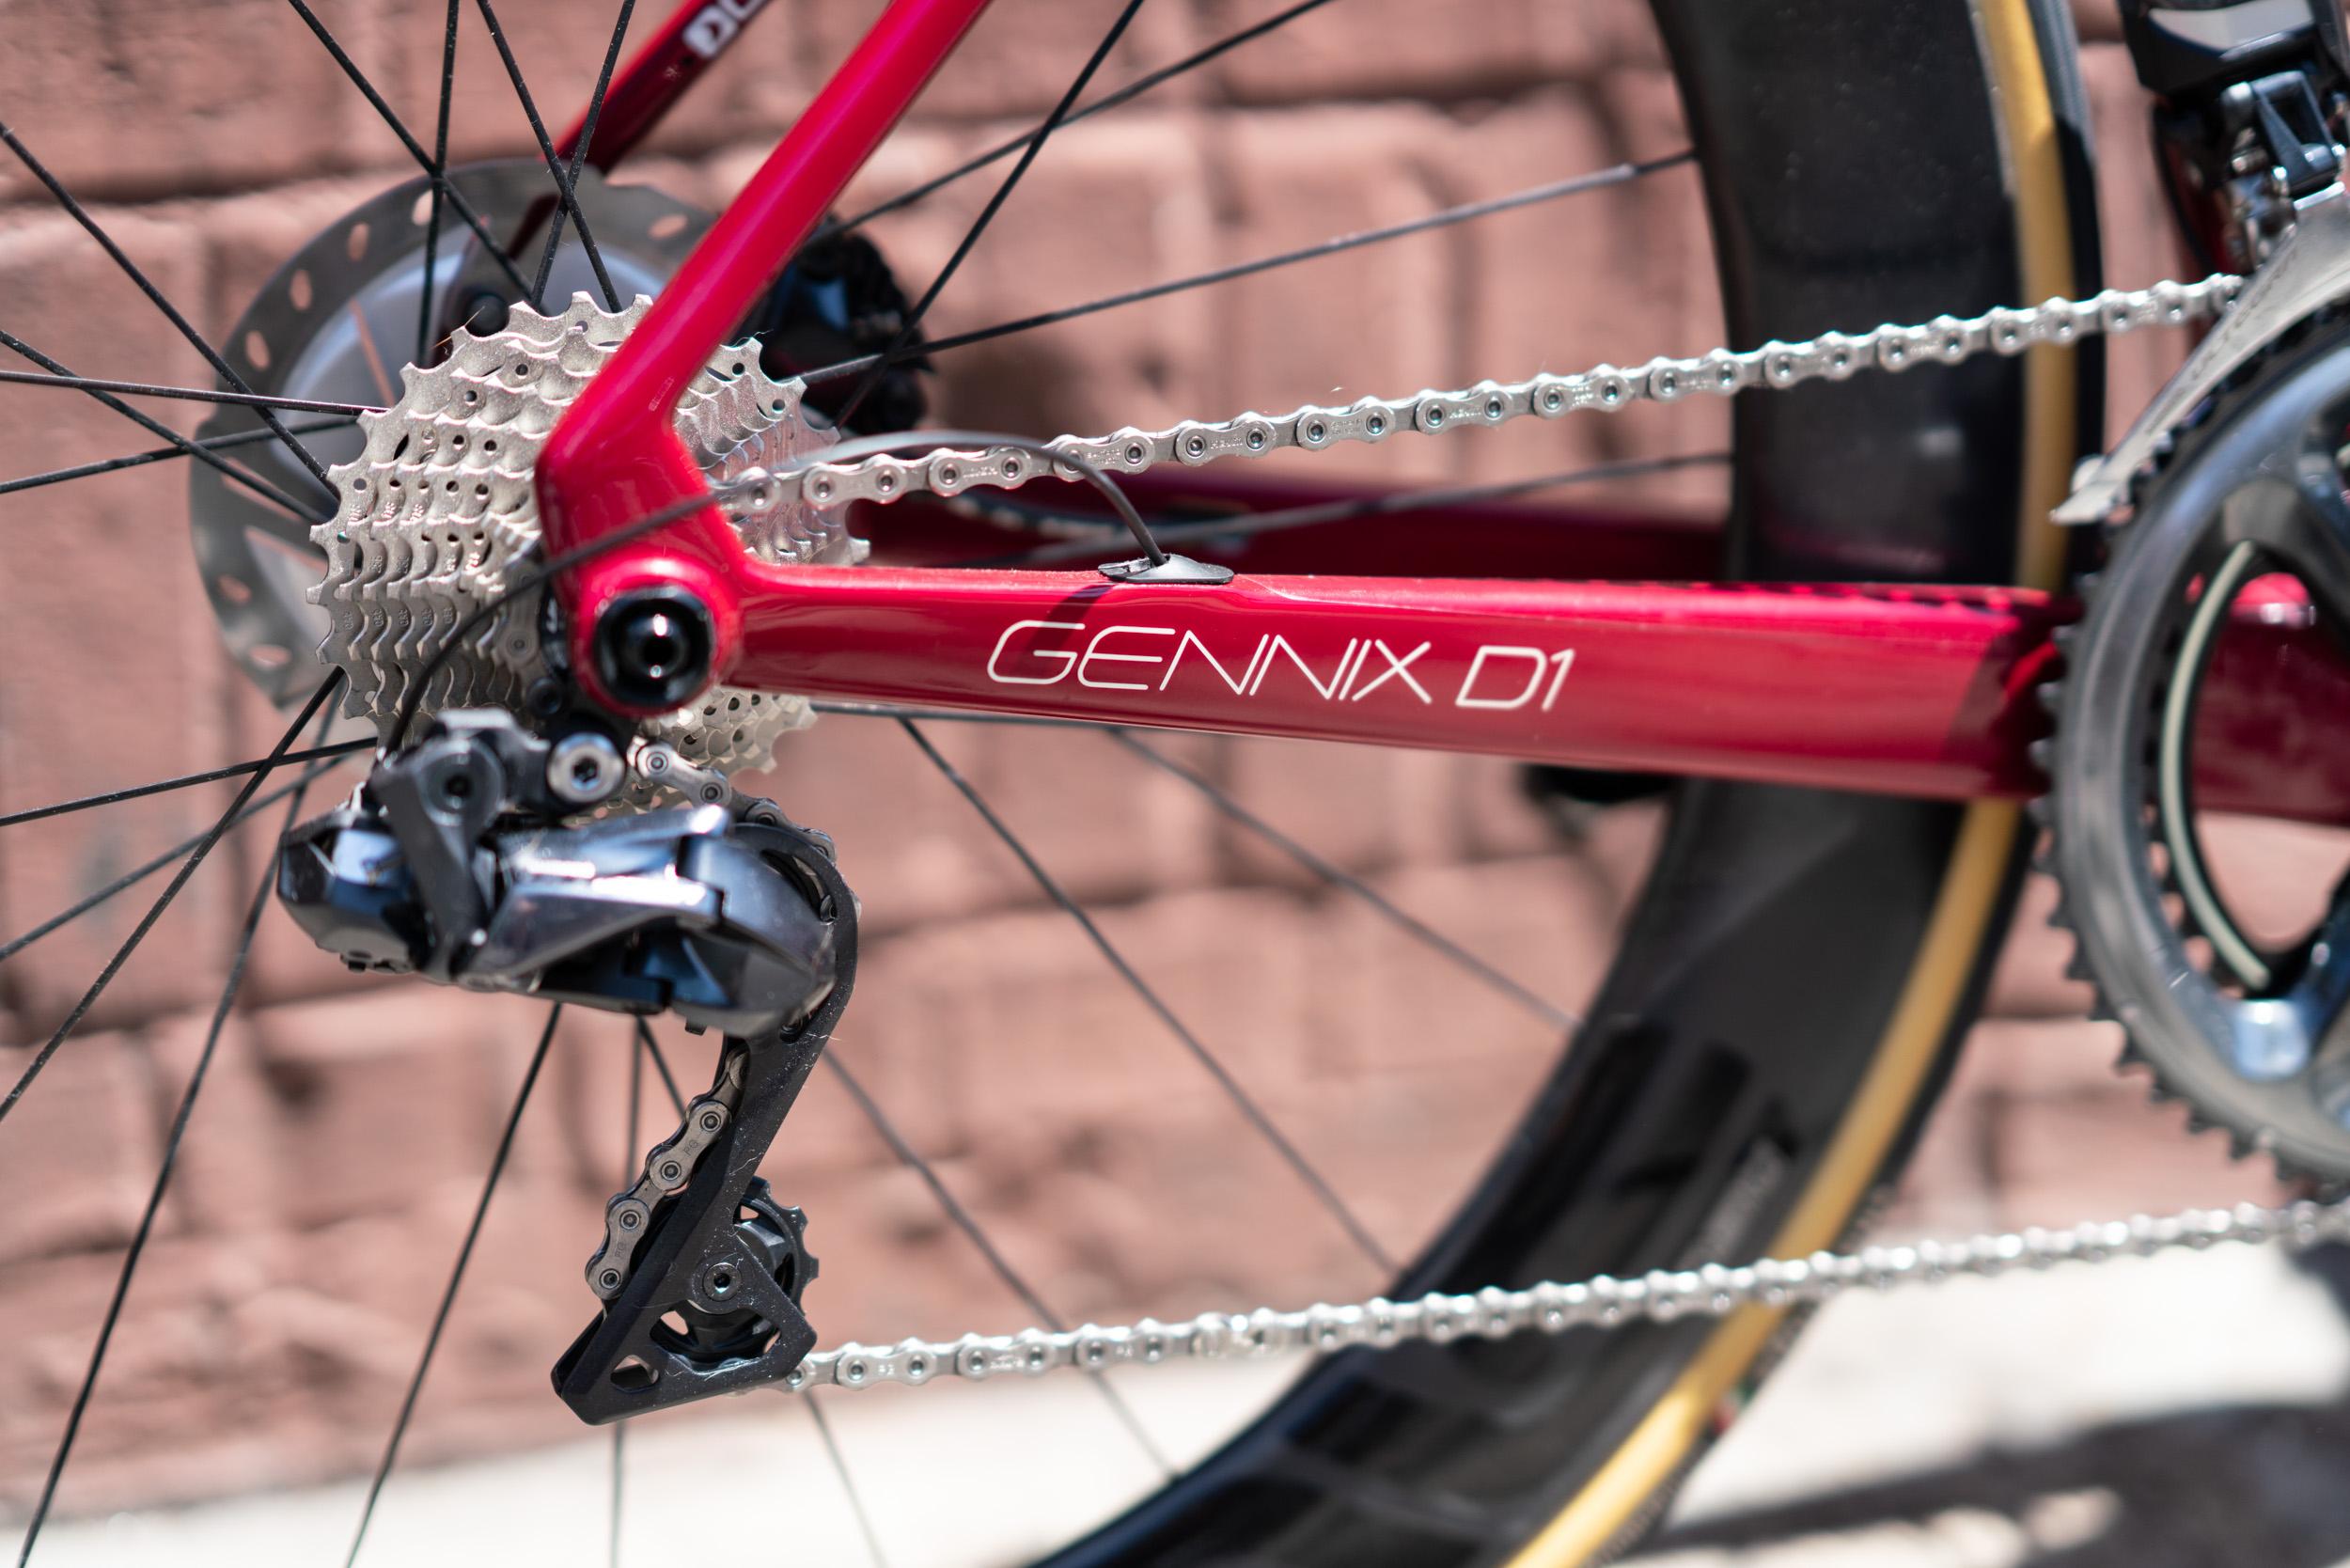 photo-rhetoric-to-be-determined-garneau-d1-blood-bike-1003.jpg